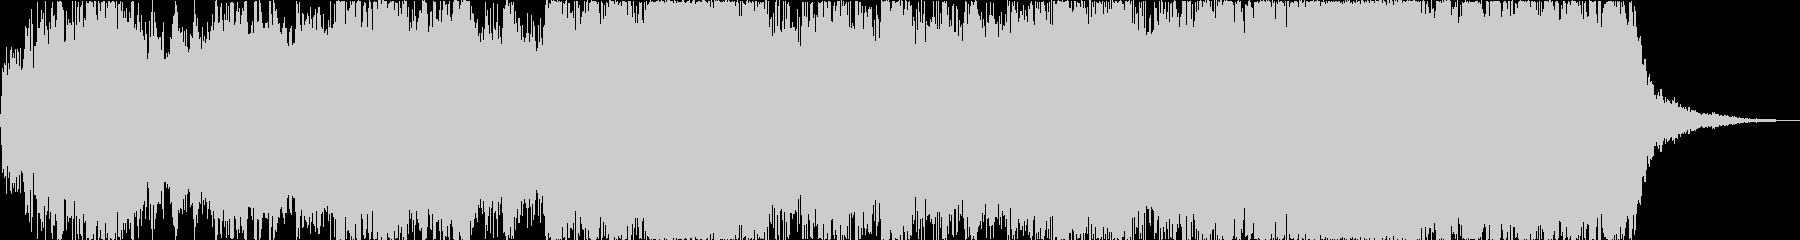 オーケストラの壮大なファンファーレ風の…の未再生の波形